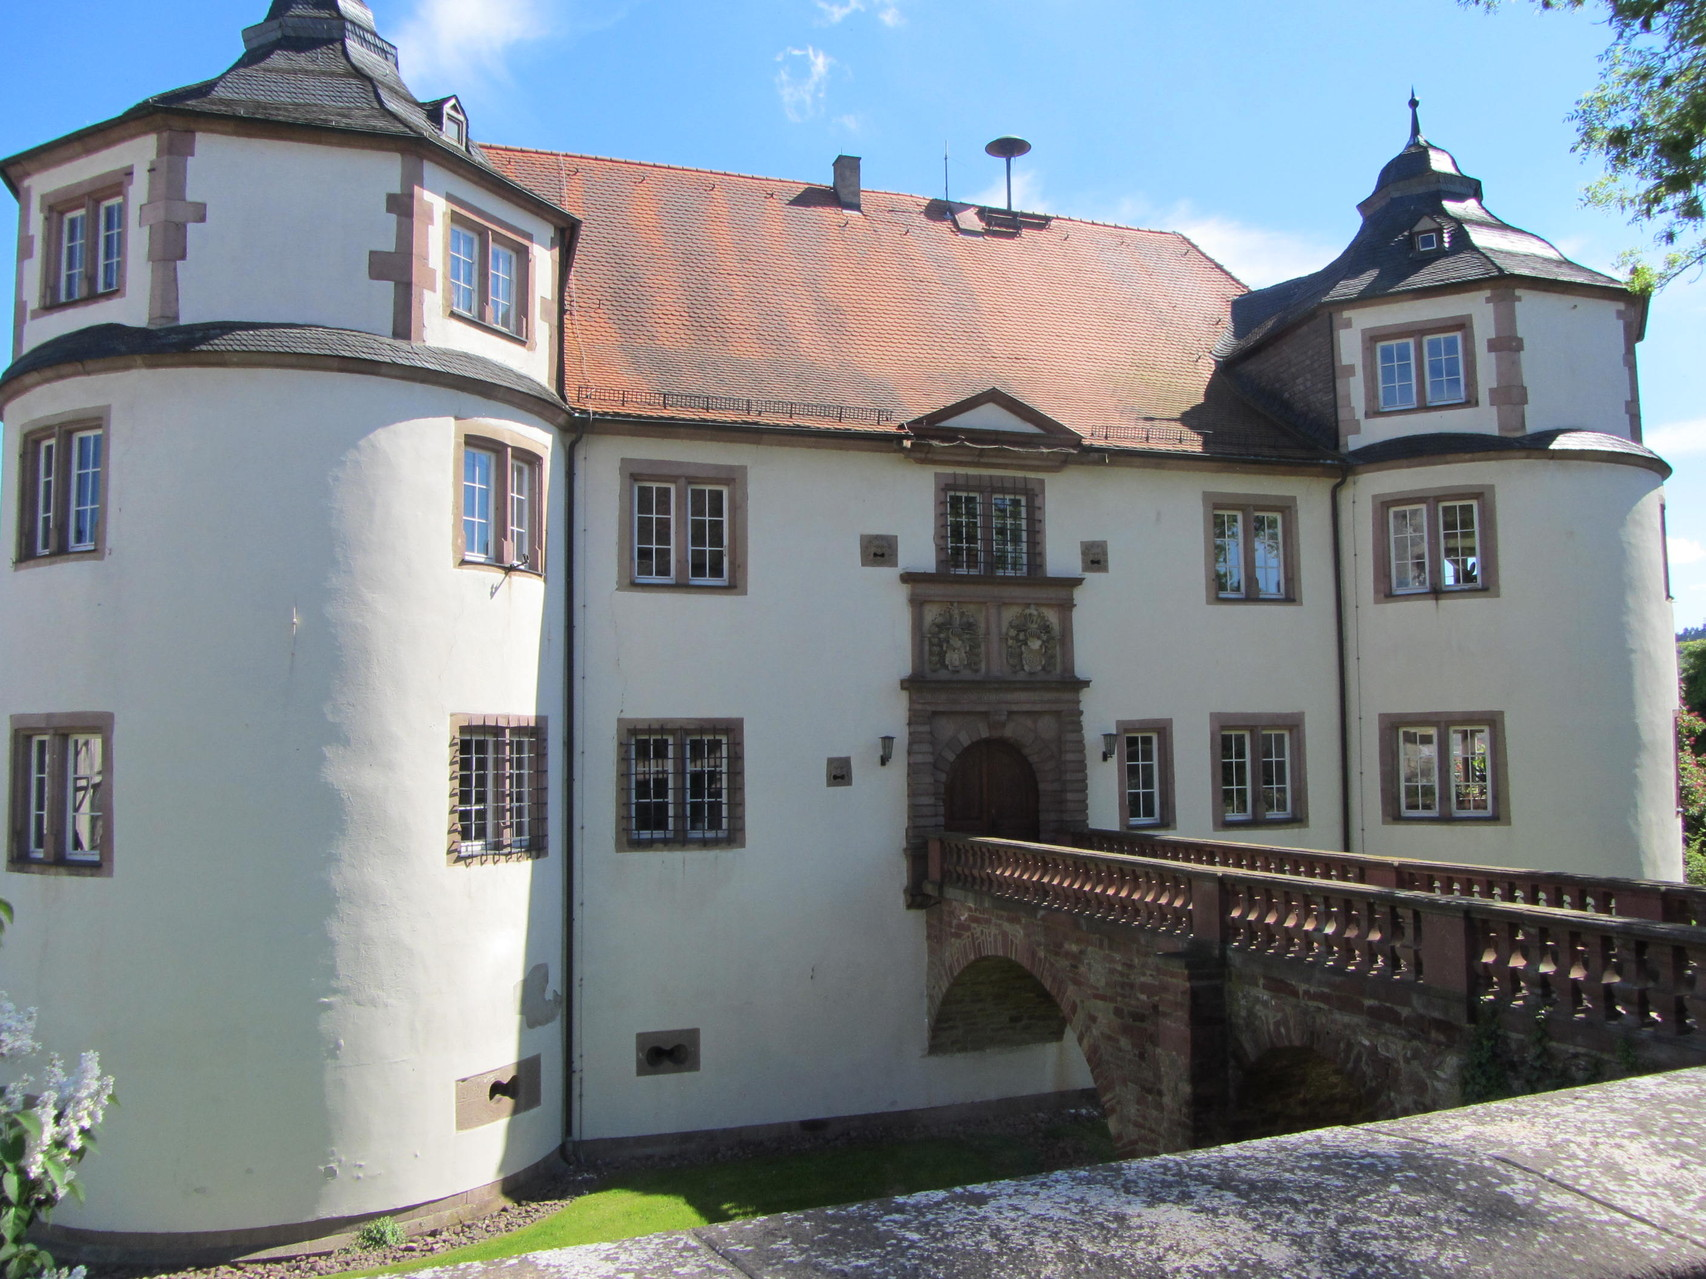 Rathaus von Hardheim